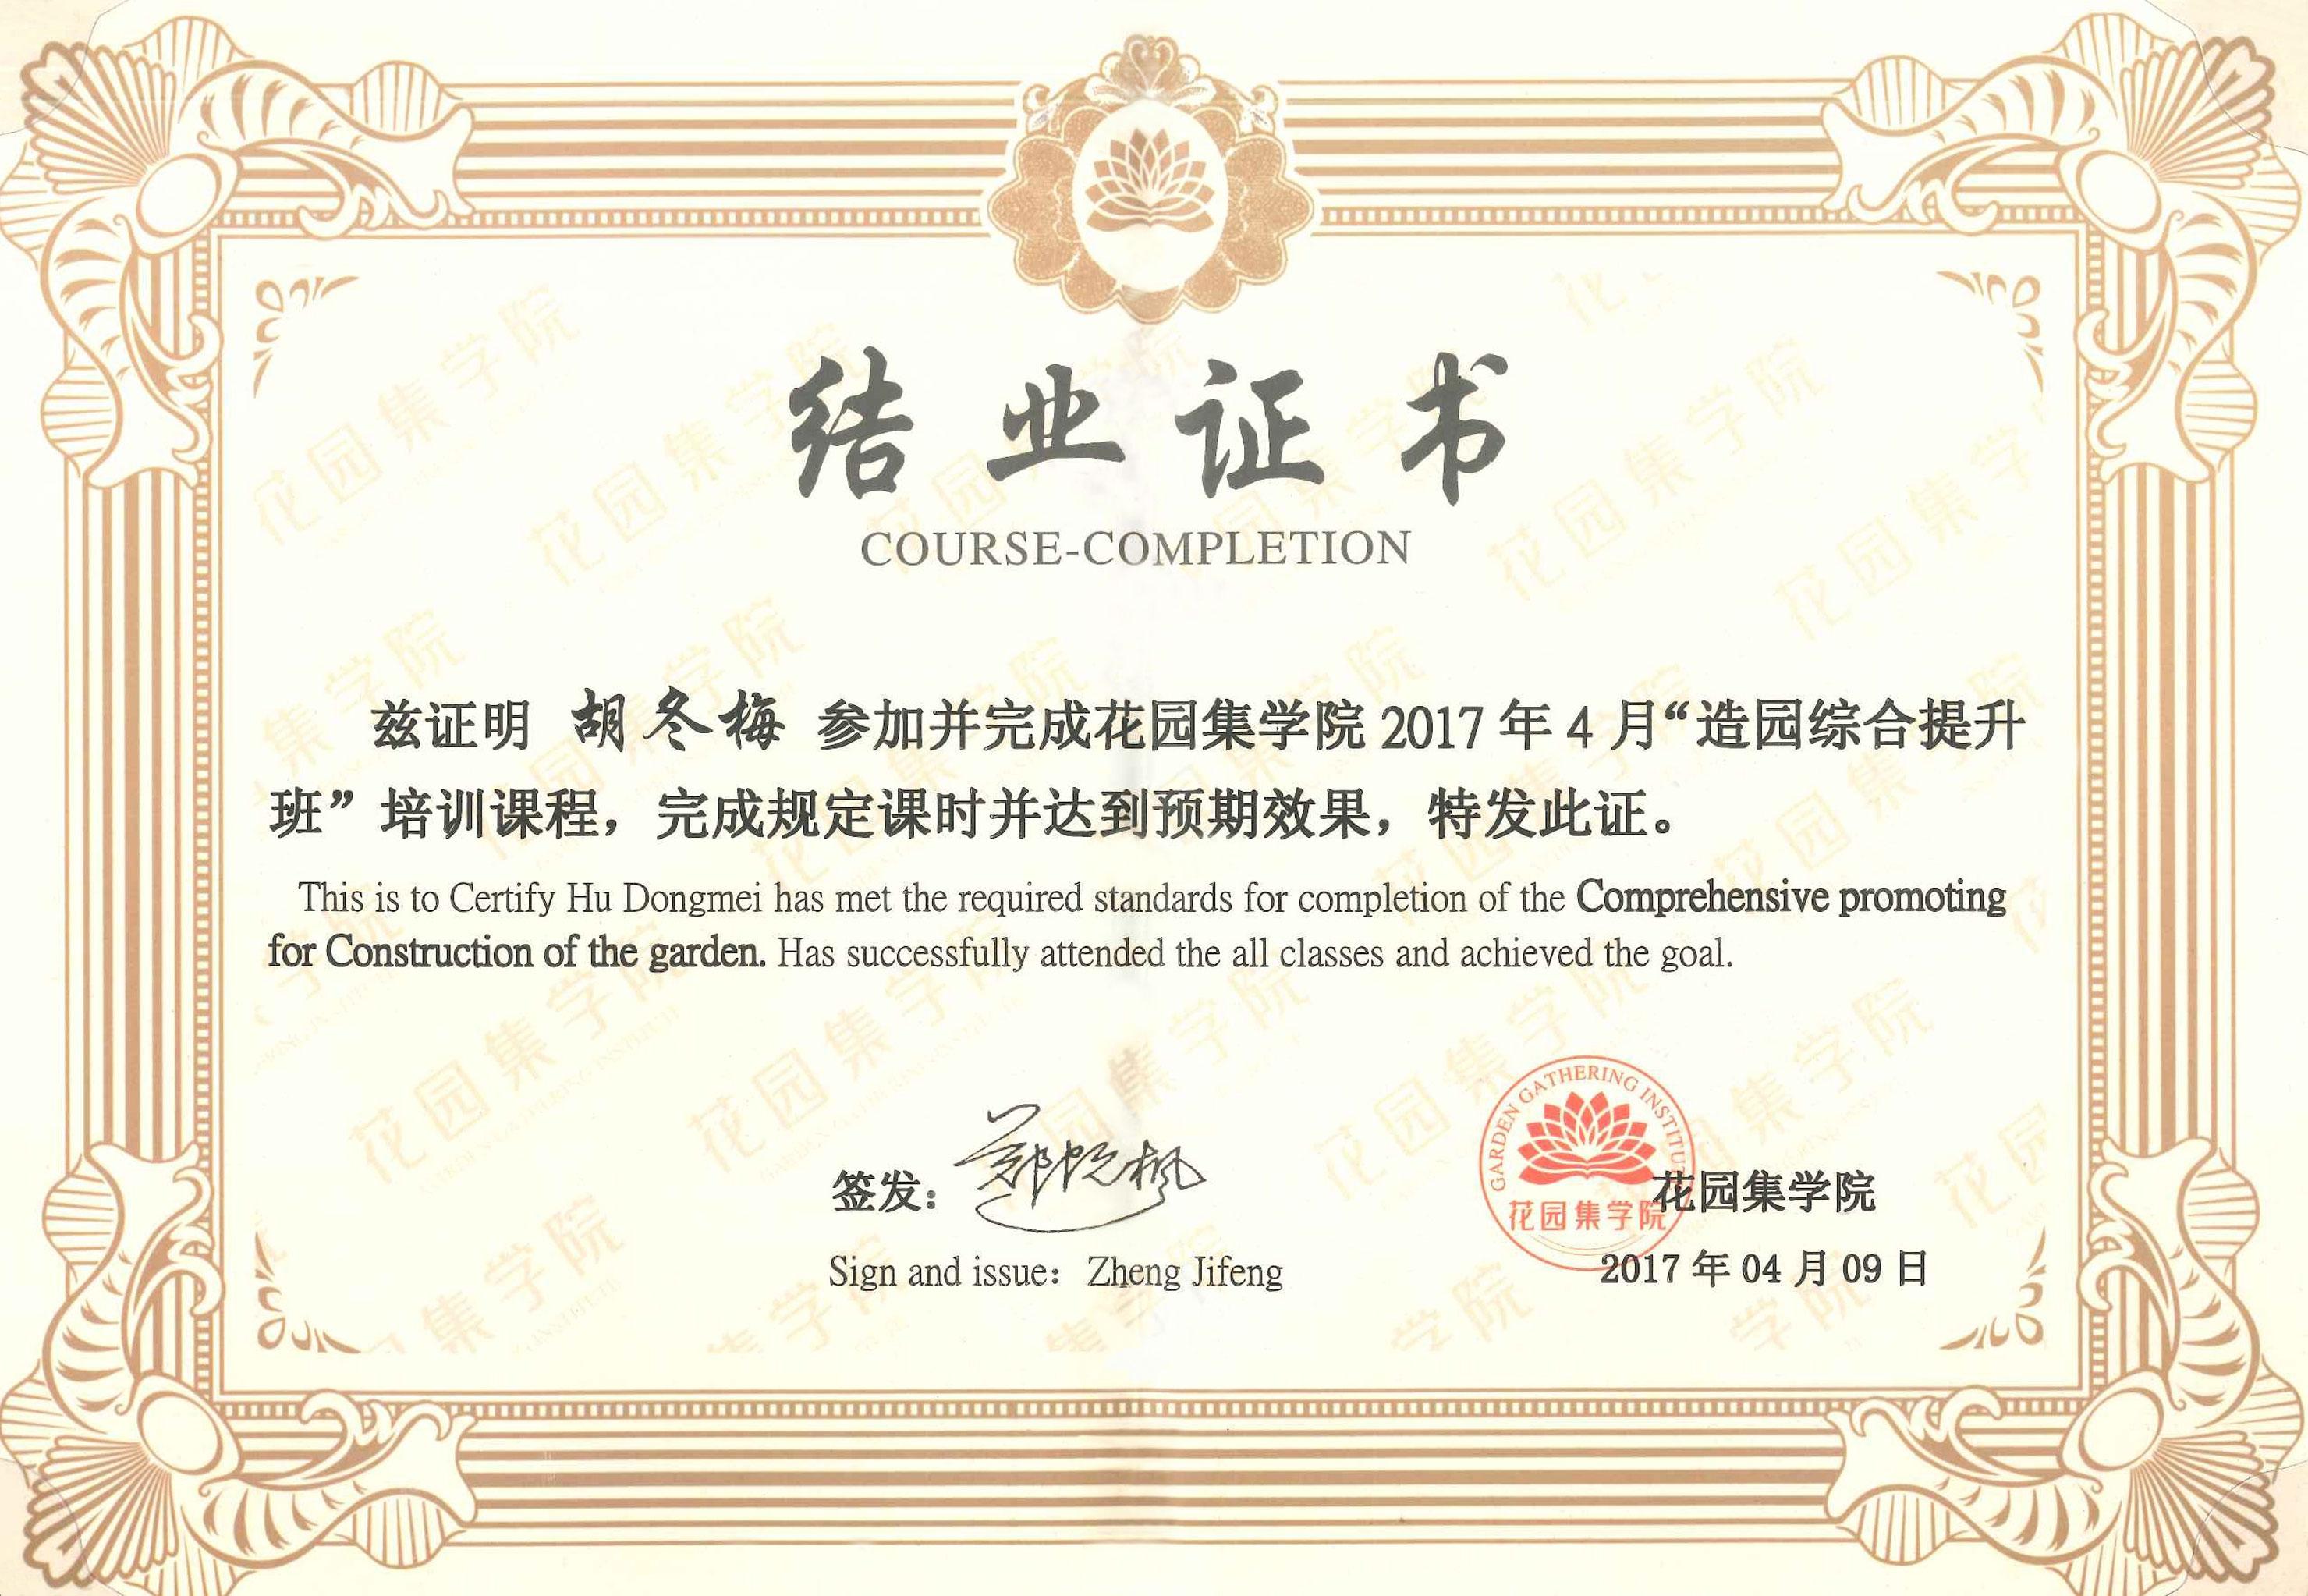 千赢国际娱乐手机版登录集学院